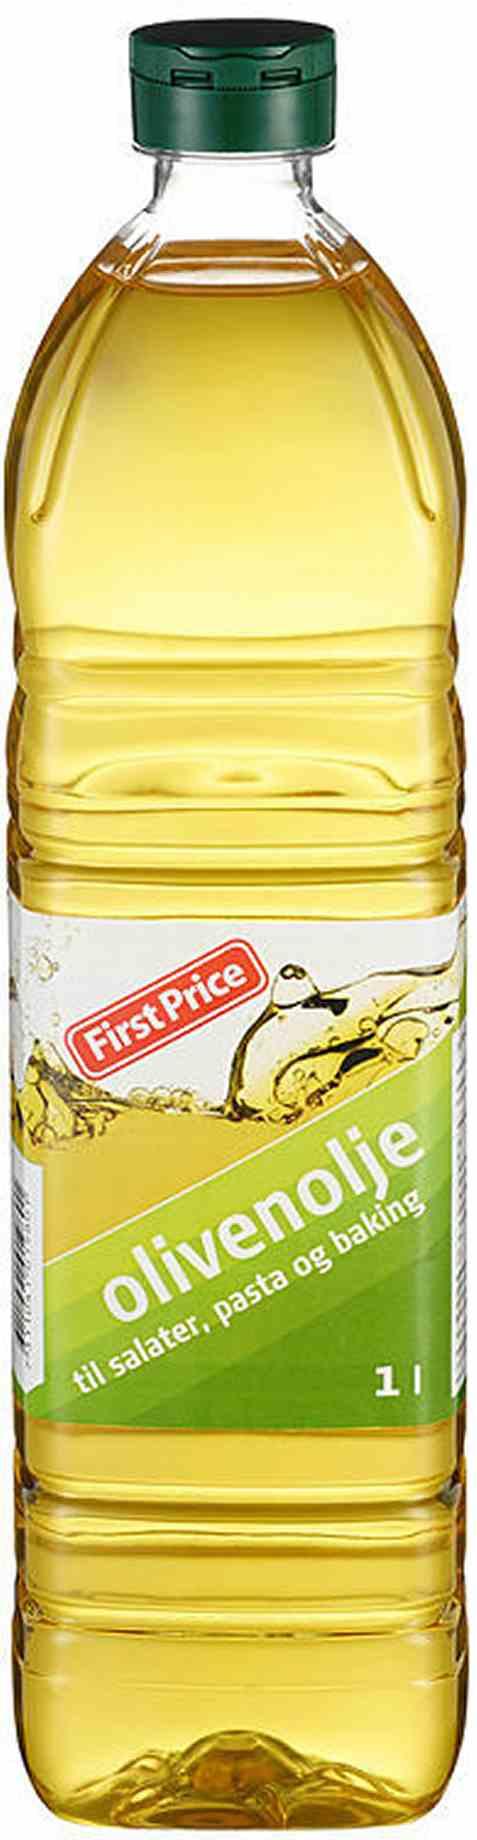 Bilde av First Price olivenolje.